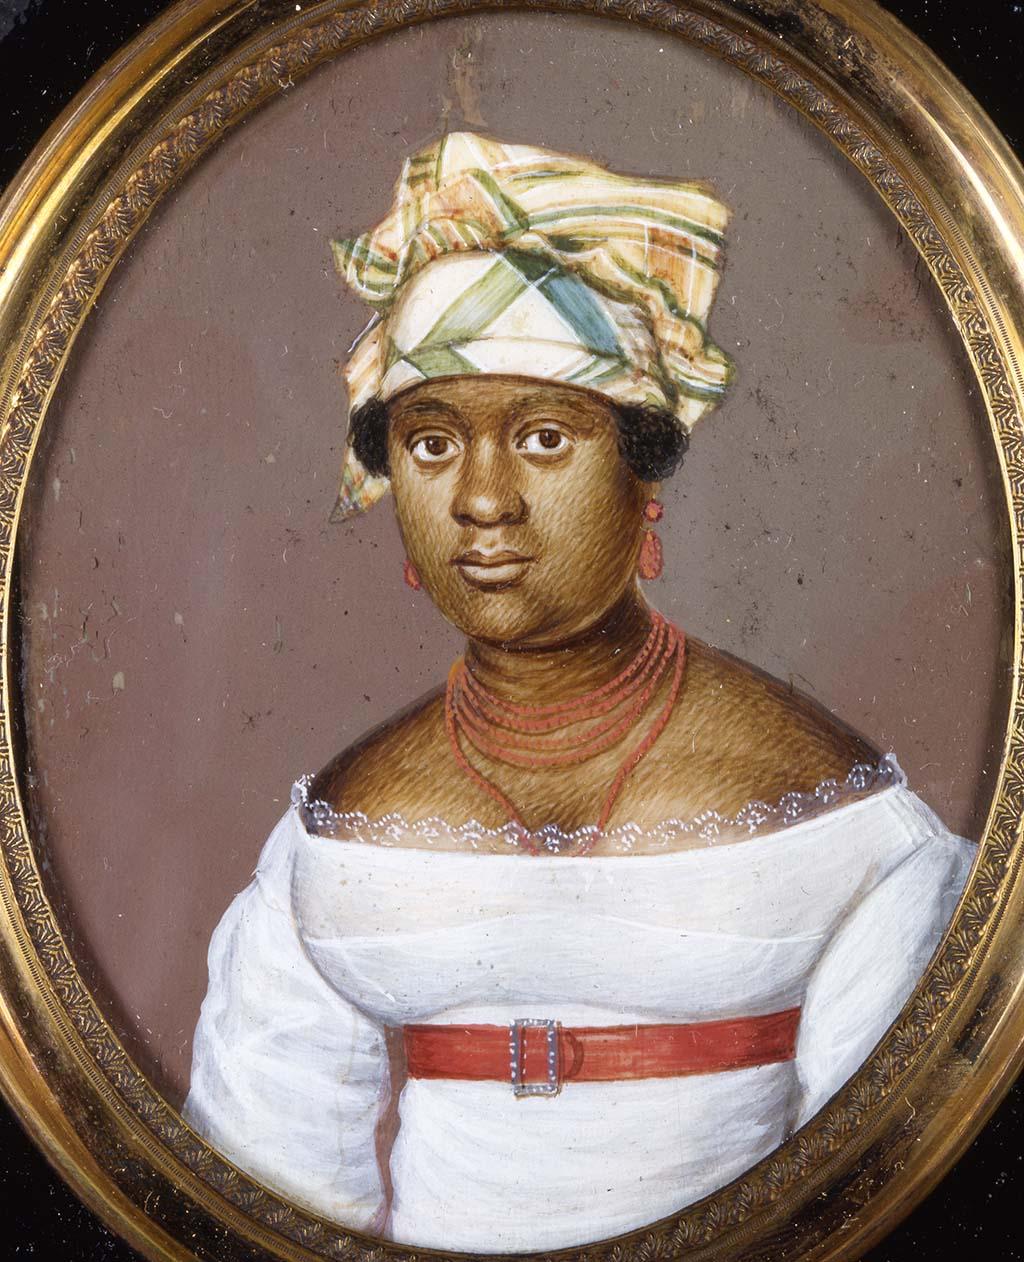 Mary-Rose Juliette Toussaint